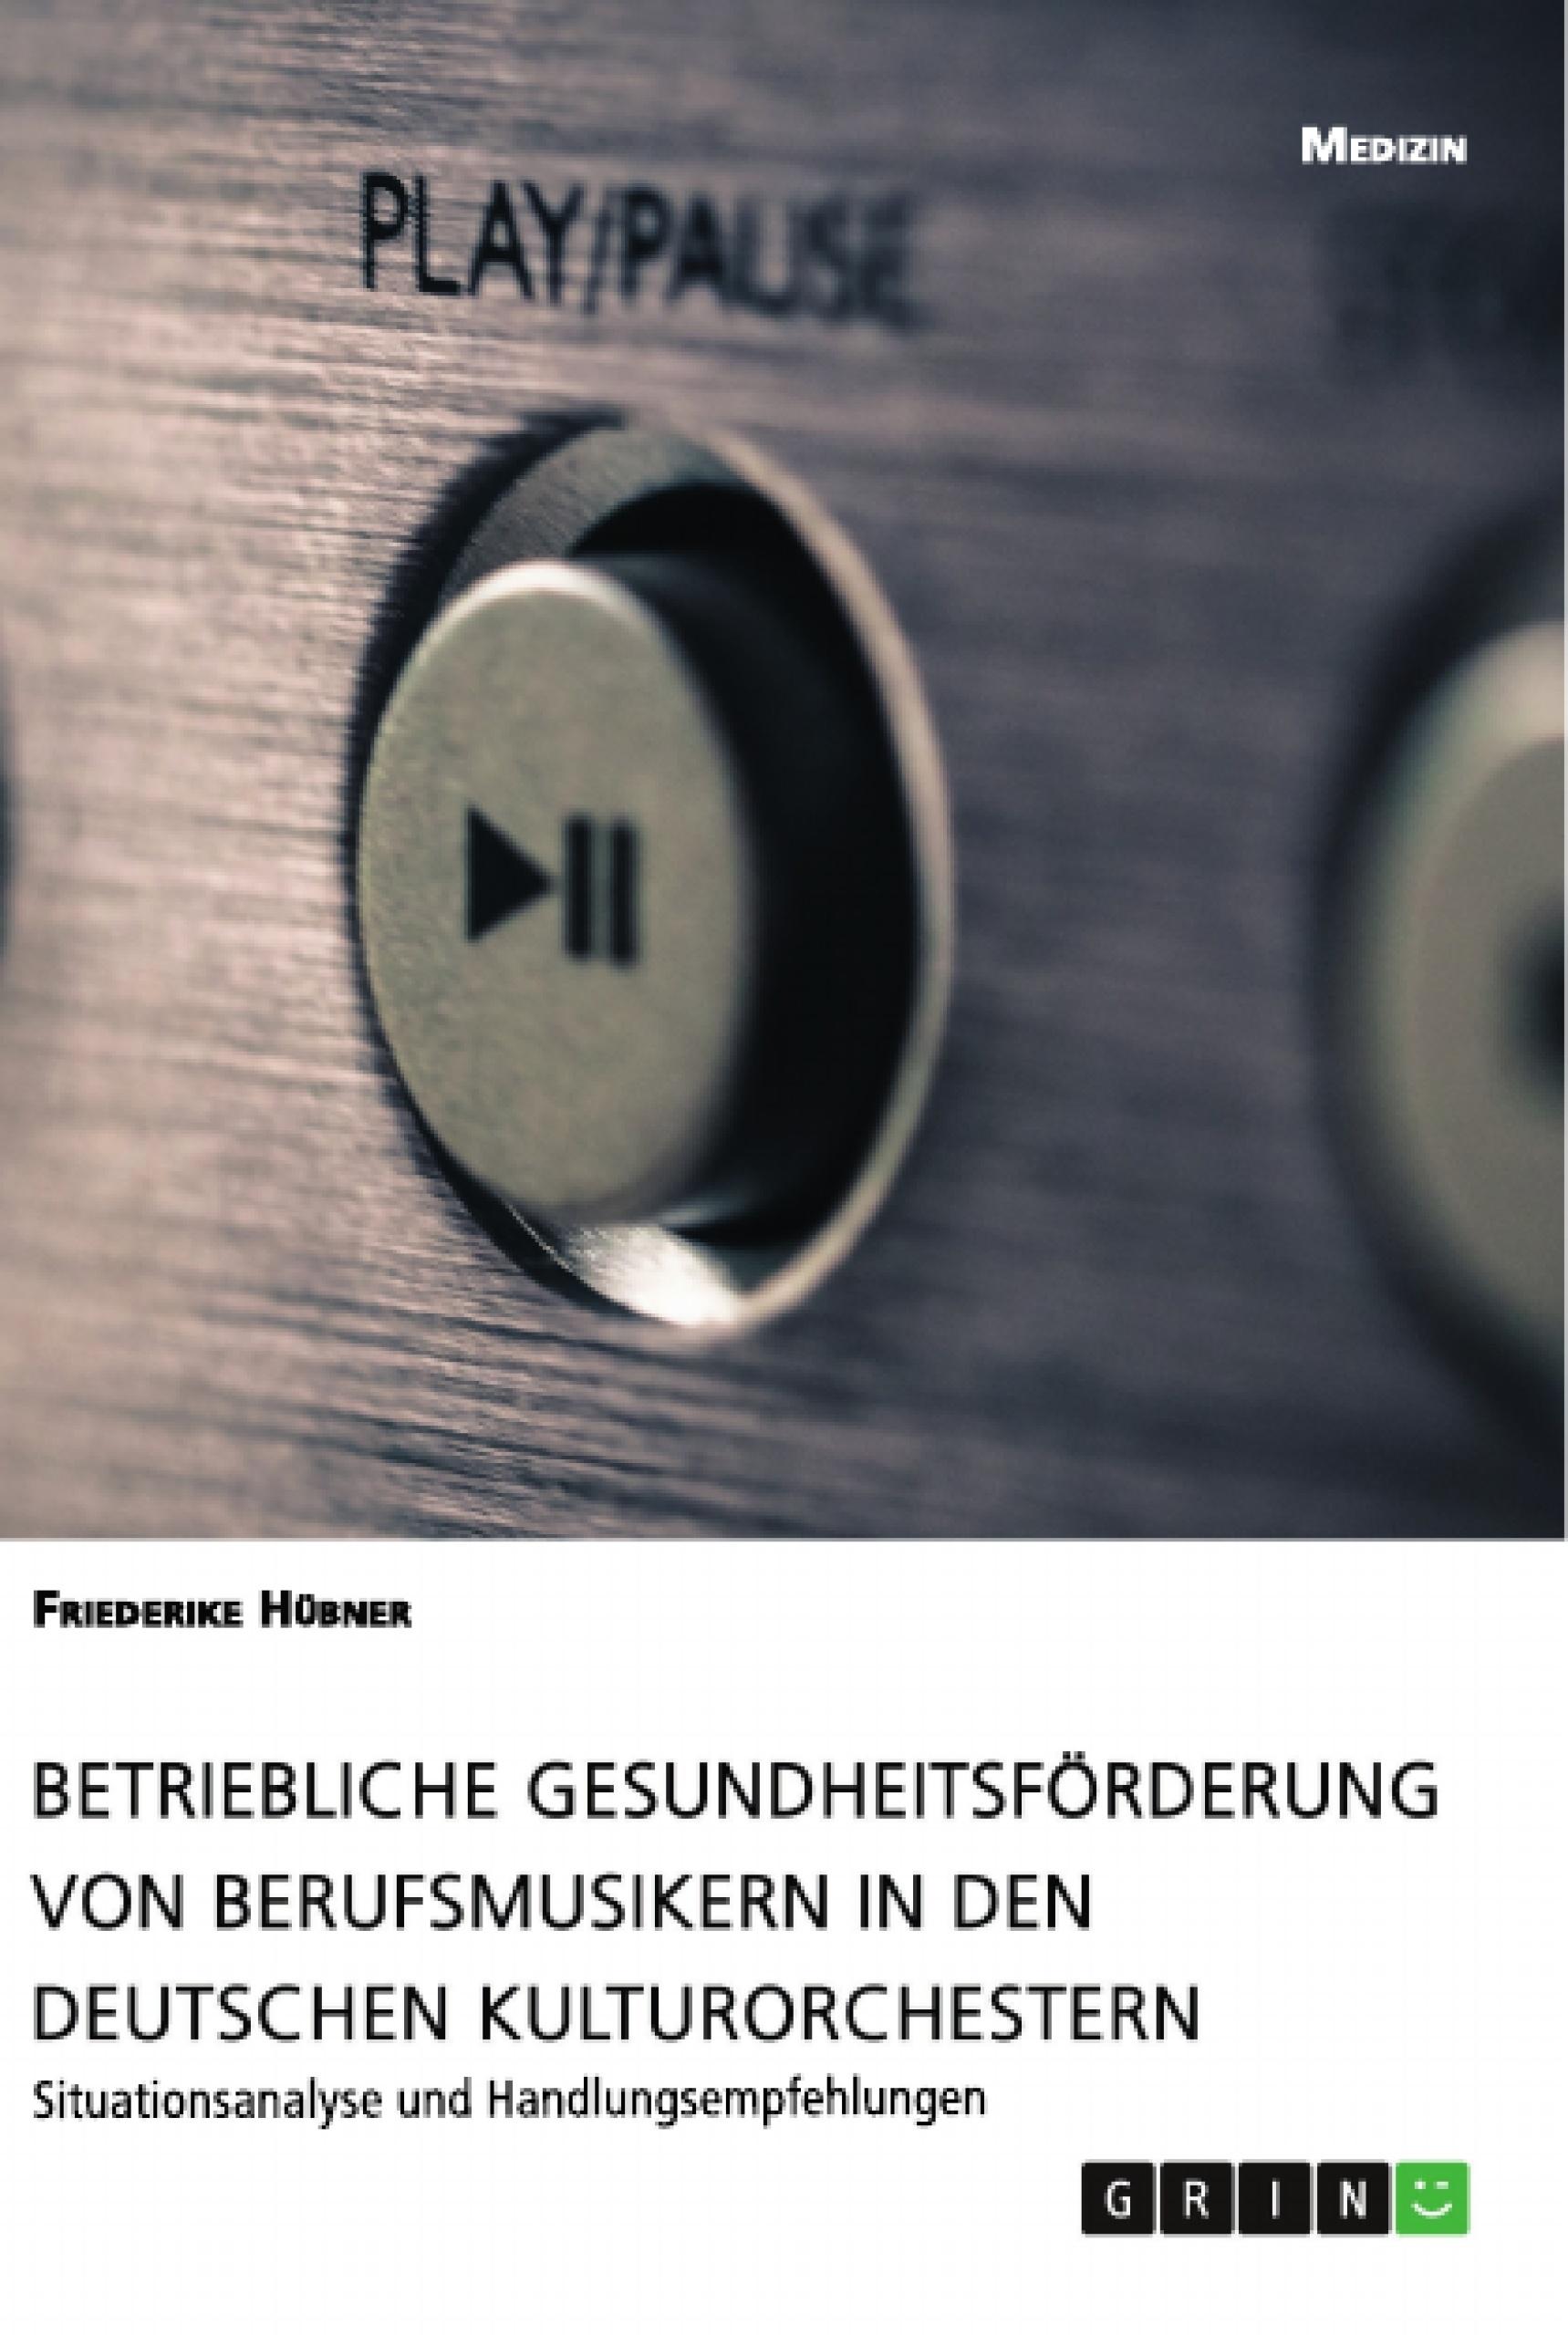 Titel: Betriebliche Gesundheitsförderung von Berufsmusikern in den deutschen Kulturorchestern